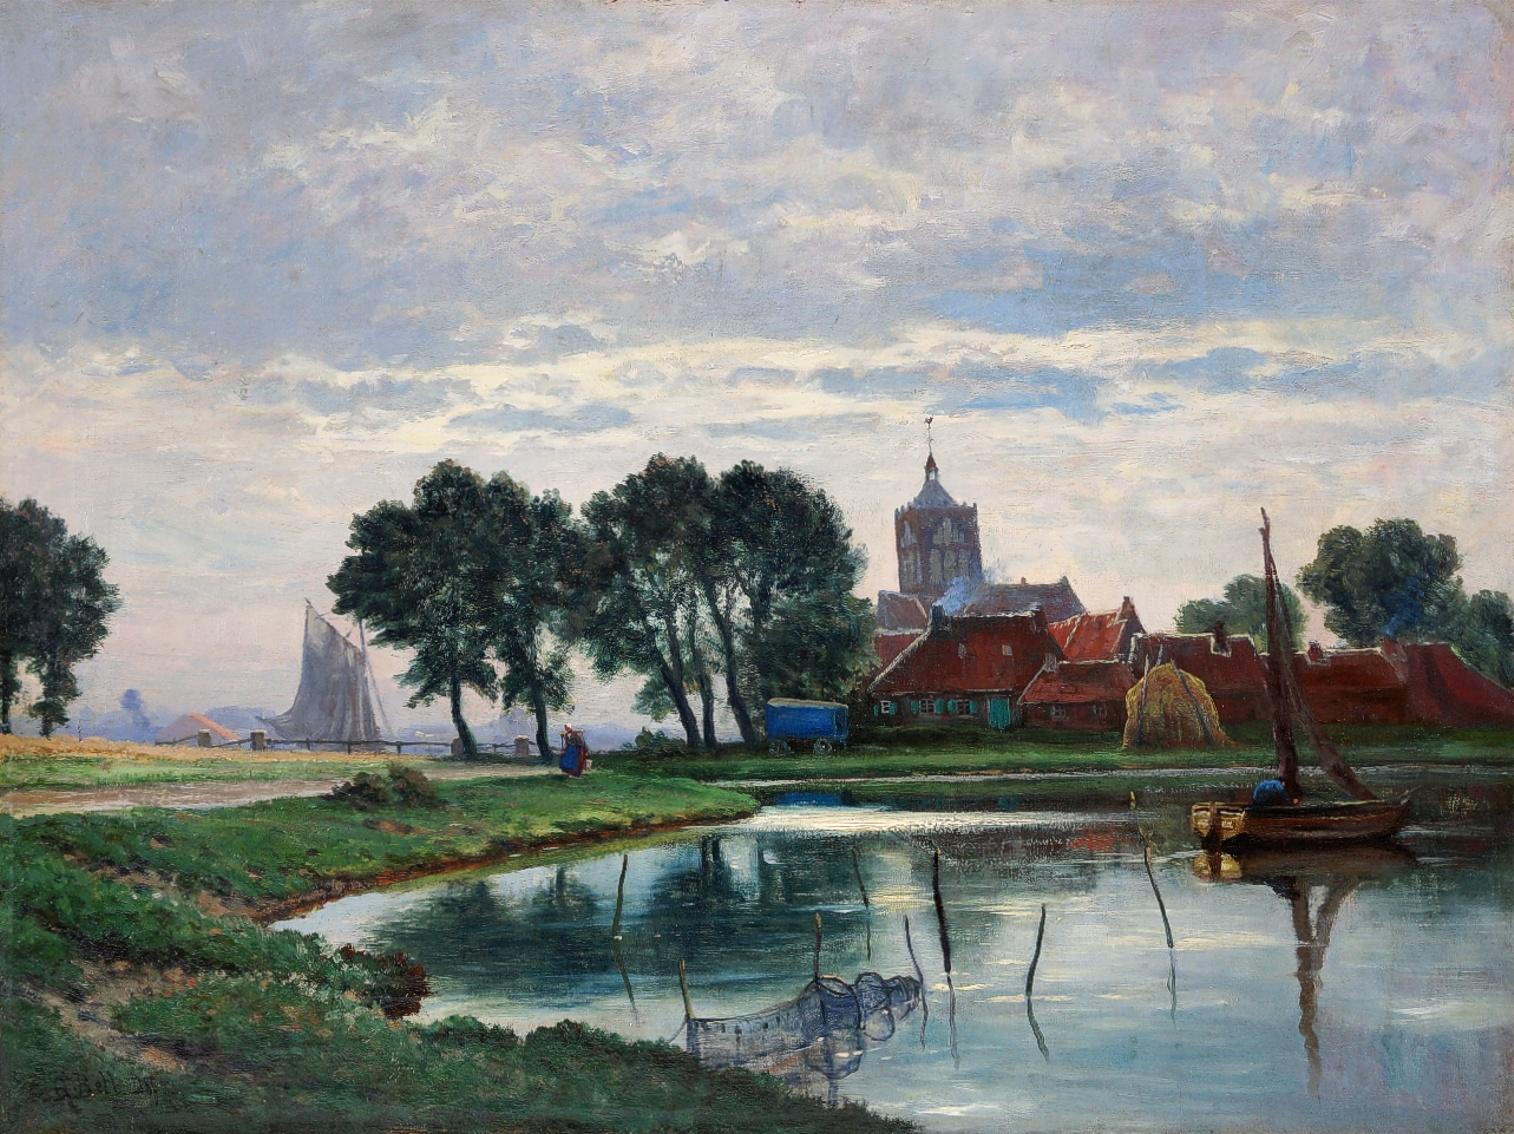 Arthur Bell (1876 - 1966) » Öl-Gemälde Impressionismus norddeutsche Landschaft Düsseldorfer Malerschule